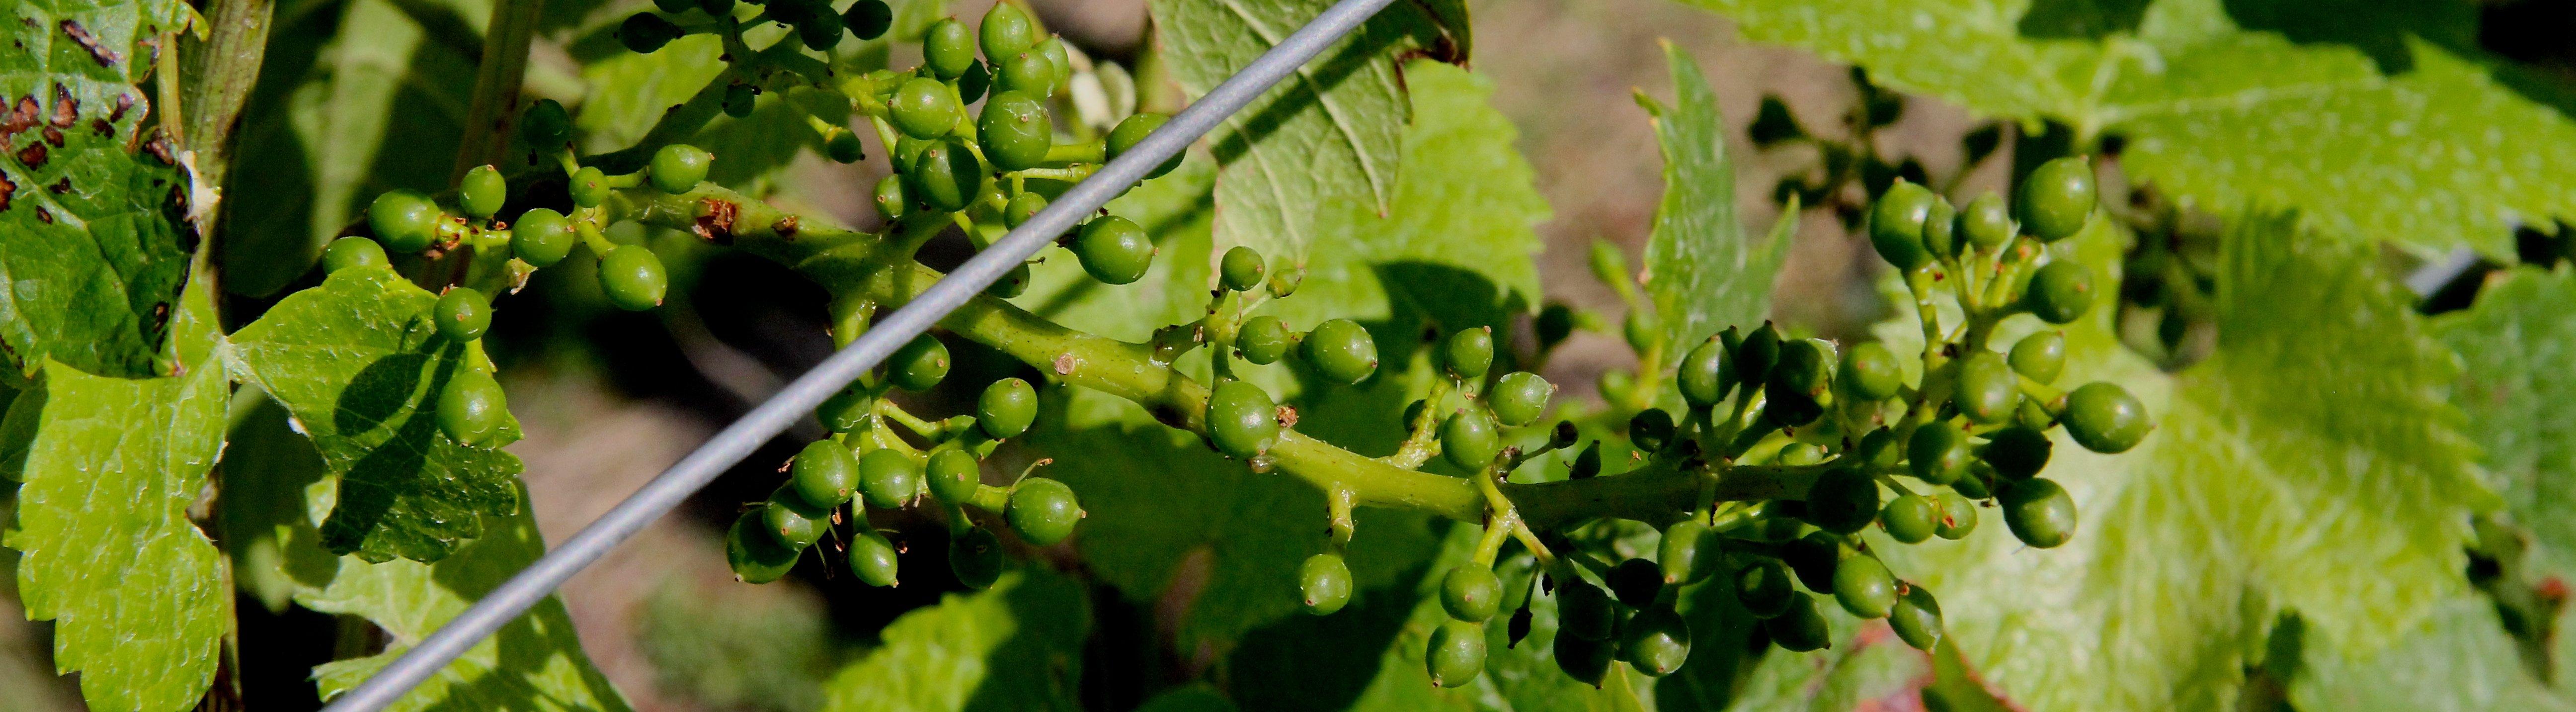 wijndruiven-op-wijngaard-wijnen-van-Legrandcru.nl